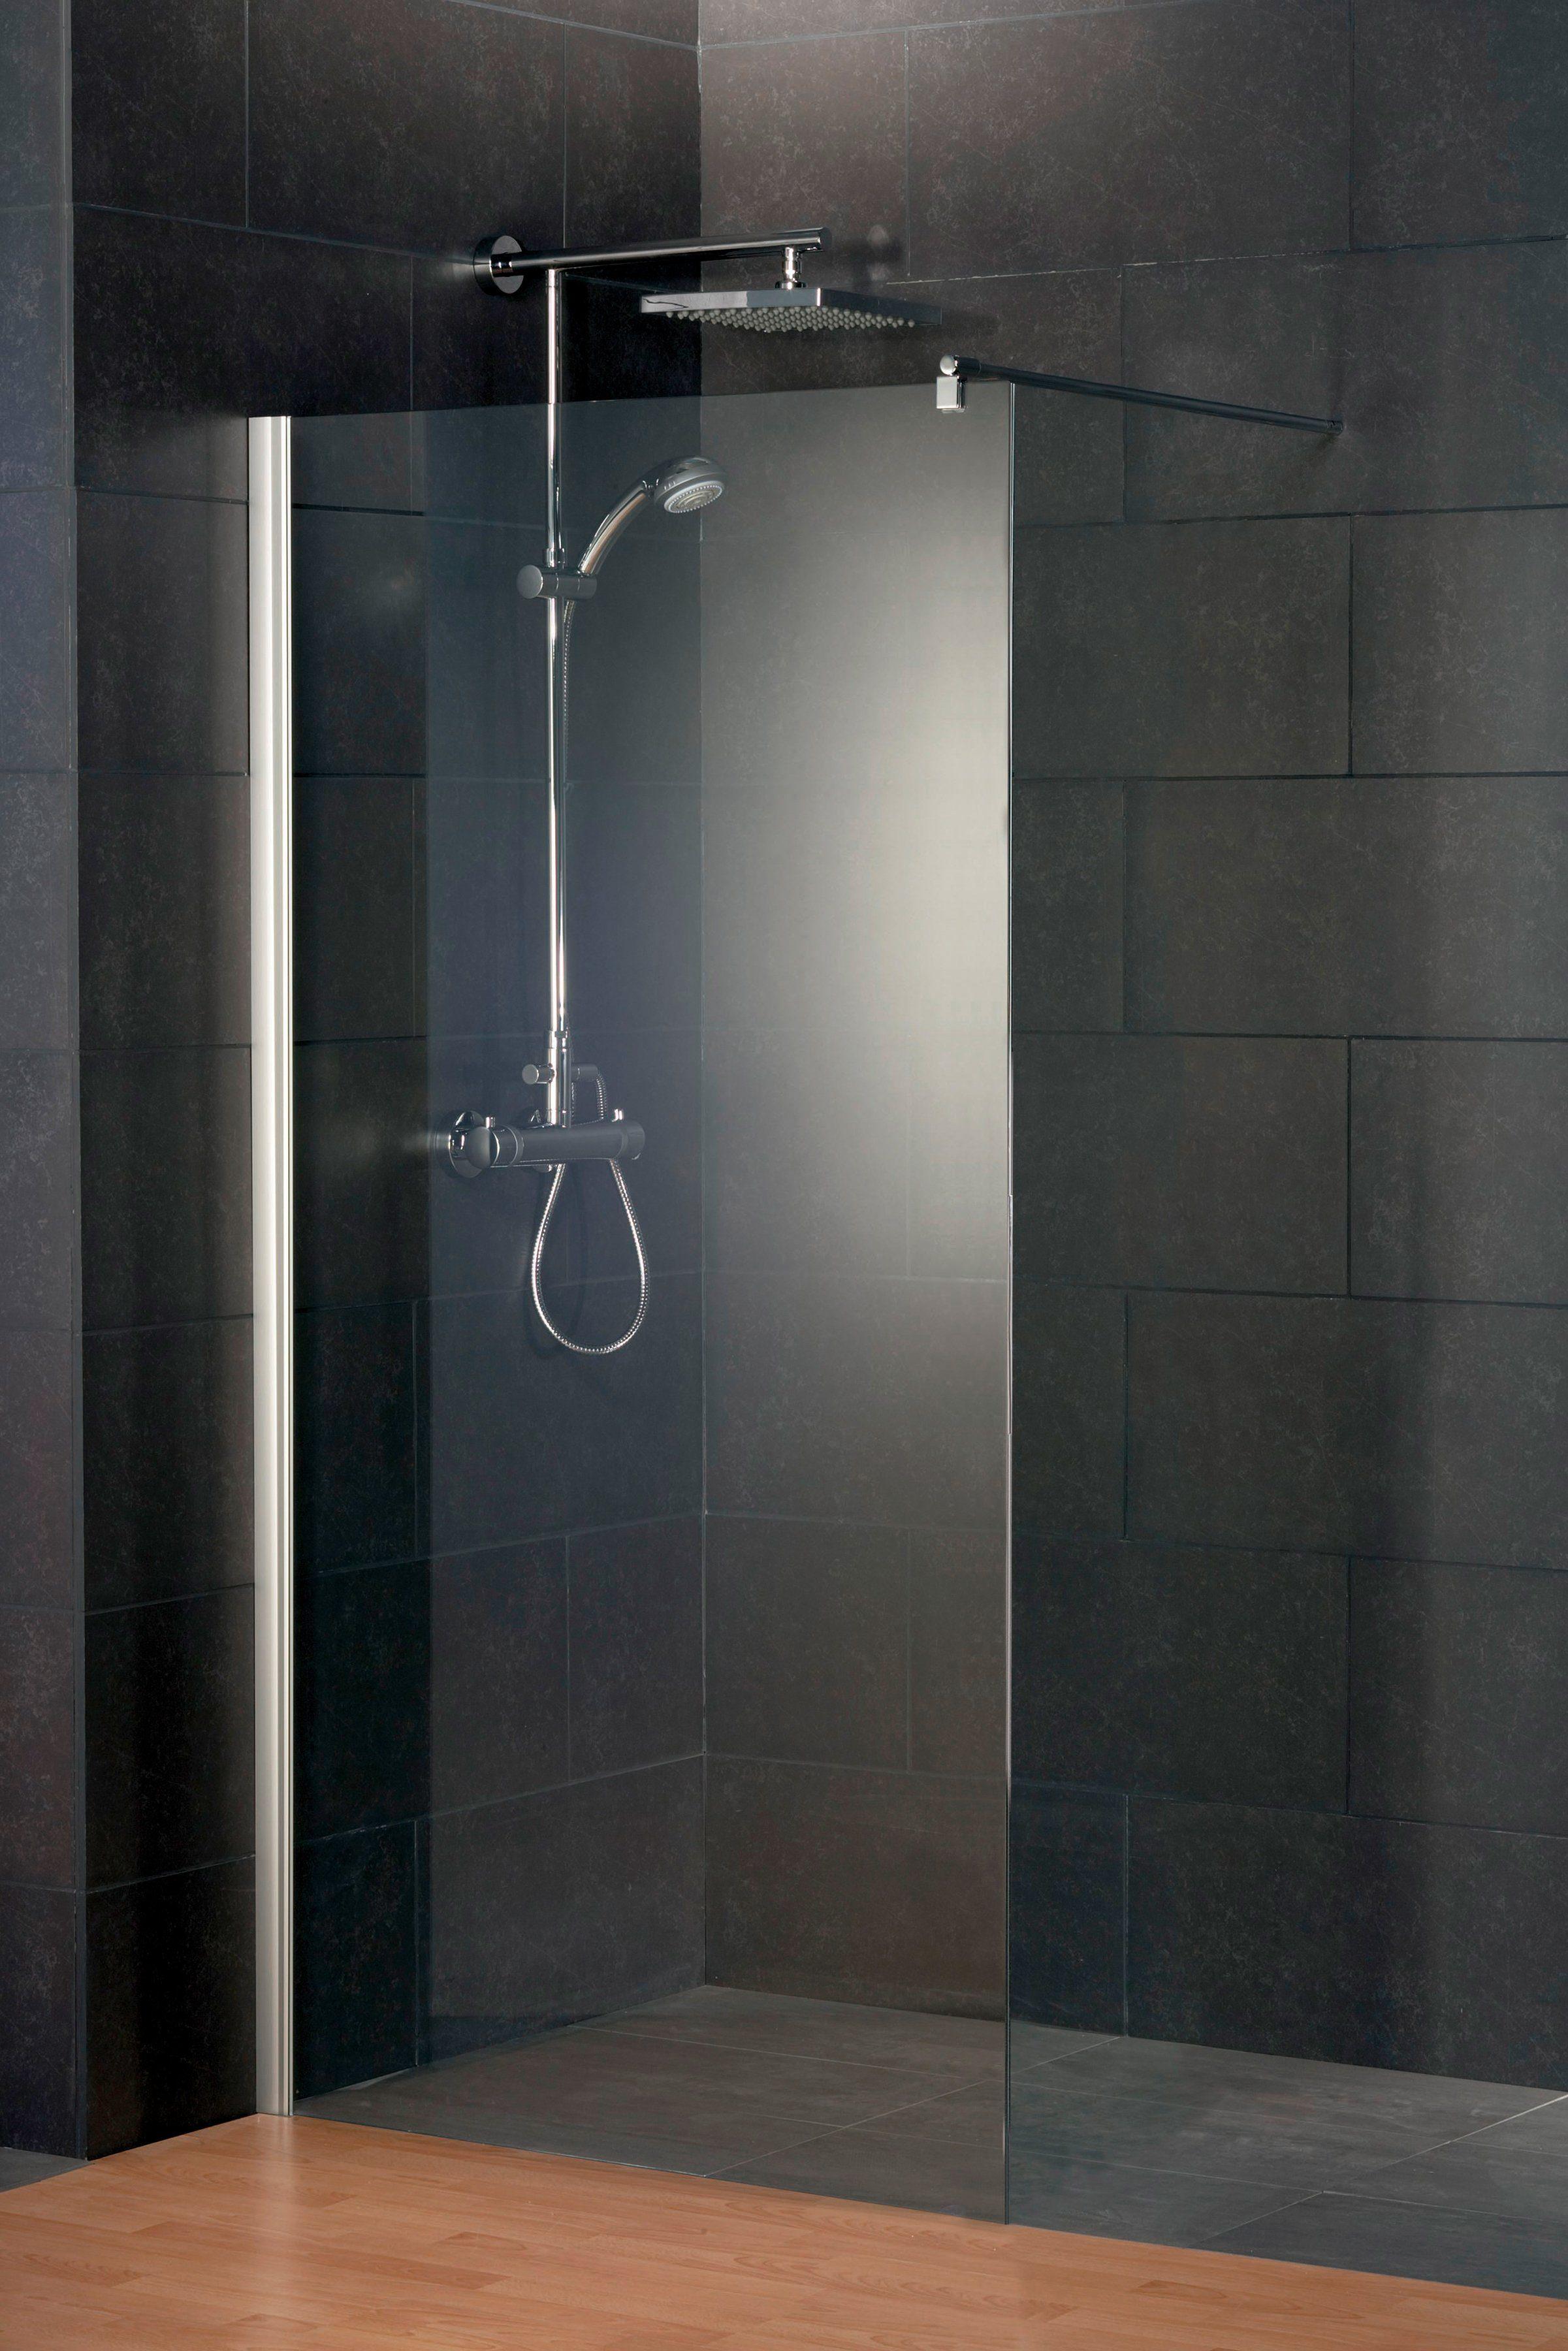 SCHULTE WalkIn Dusche Alexa Style 20 kaufen  OTTO